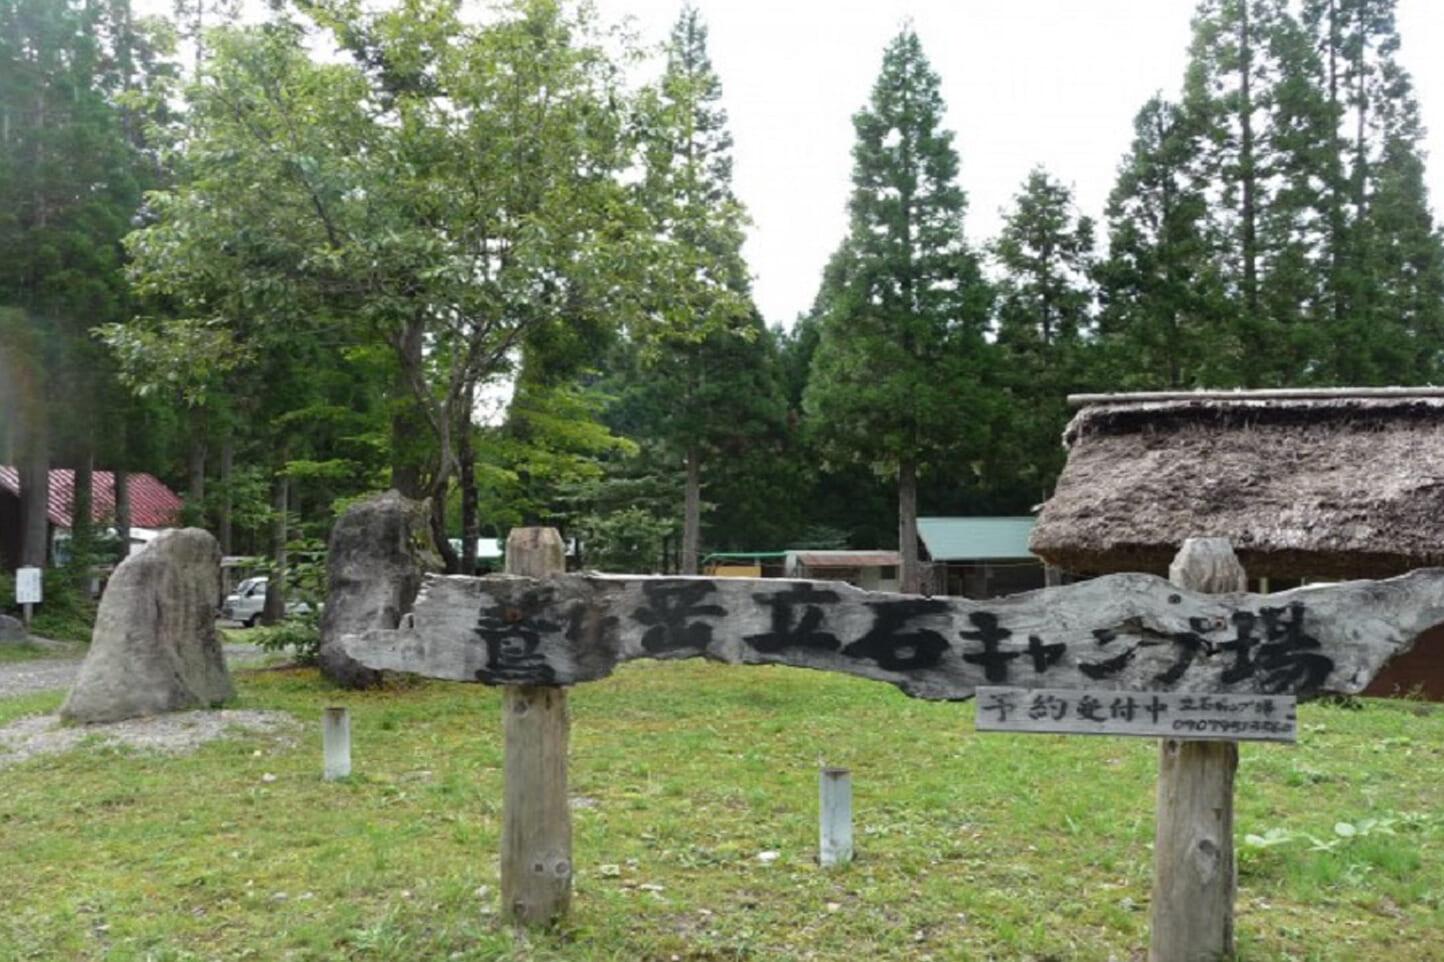 鷲ヶ岳立石キャンプ場 スライダー画像1